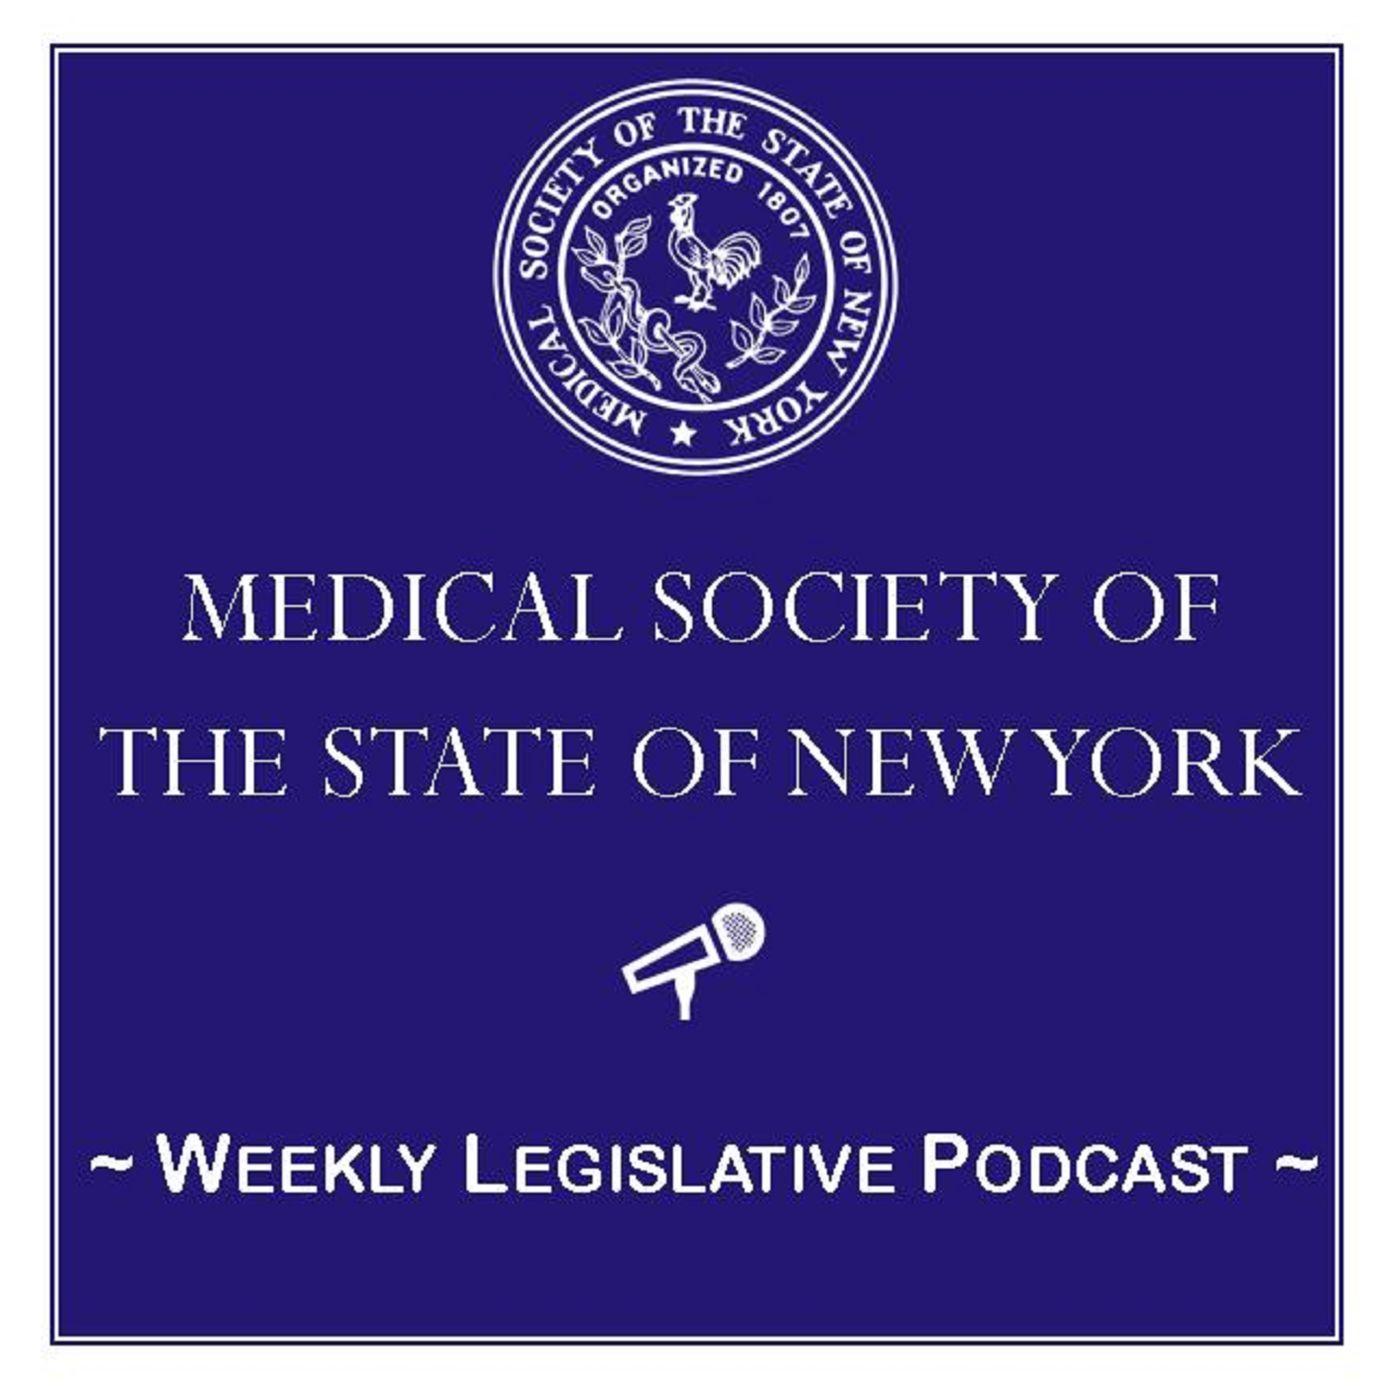 6/7/2019 Weekly Legislative Update